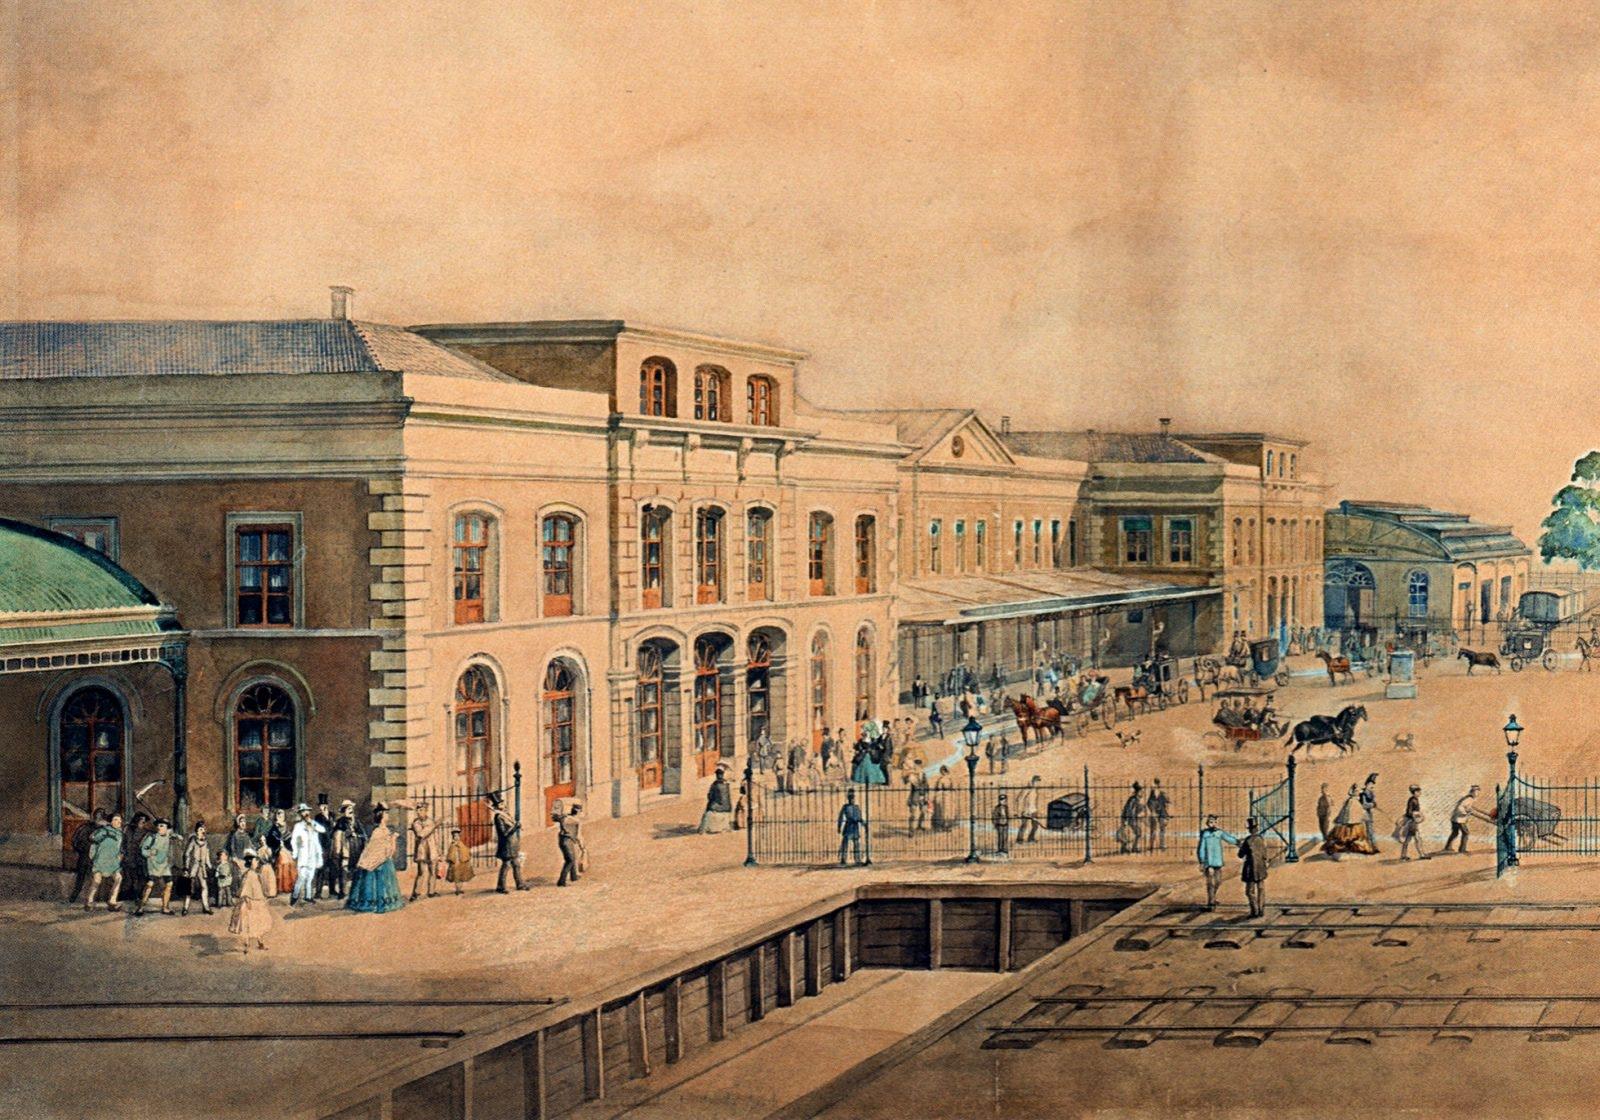 Utrecht Centraal in 1855